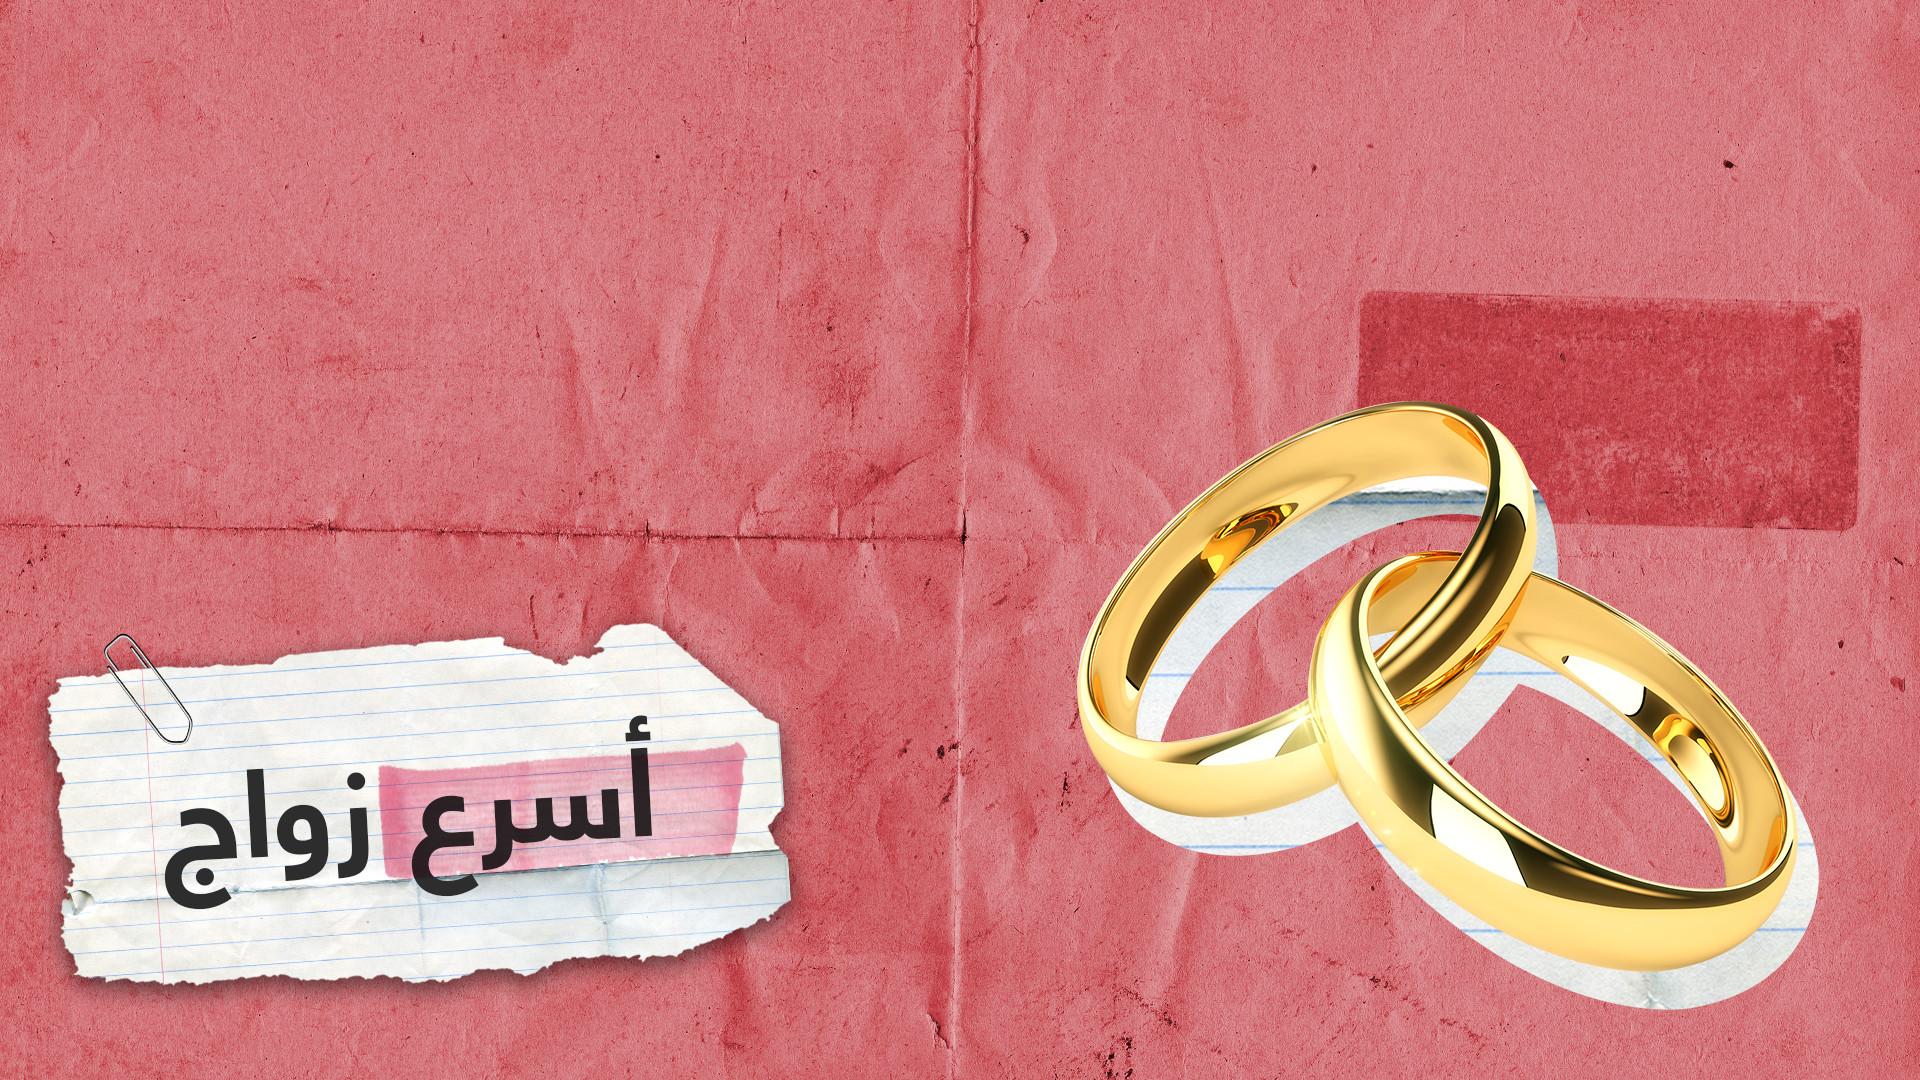 بـ 12 ساعة فقط!.. أسرع تعارف وزواج يسجل في الأردن